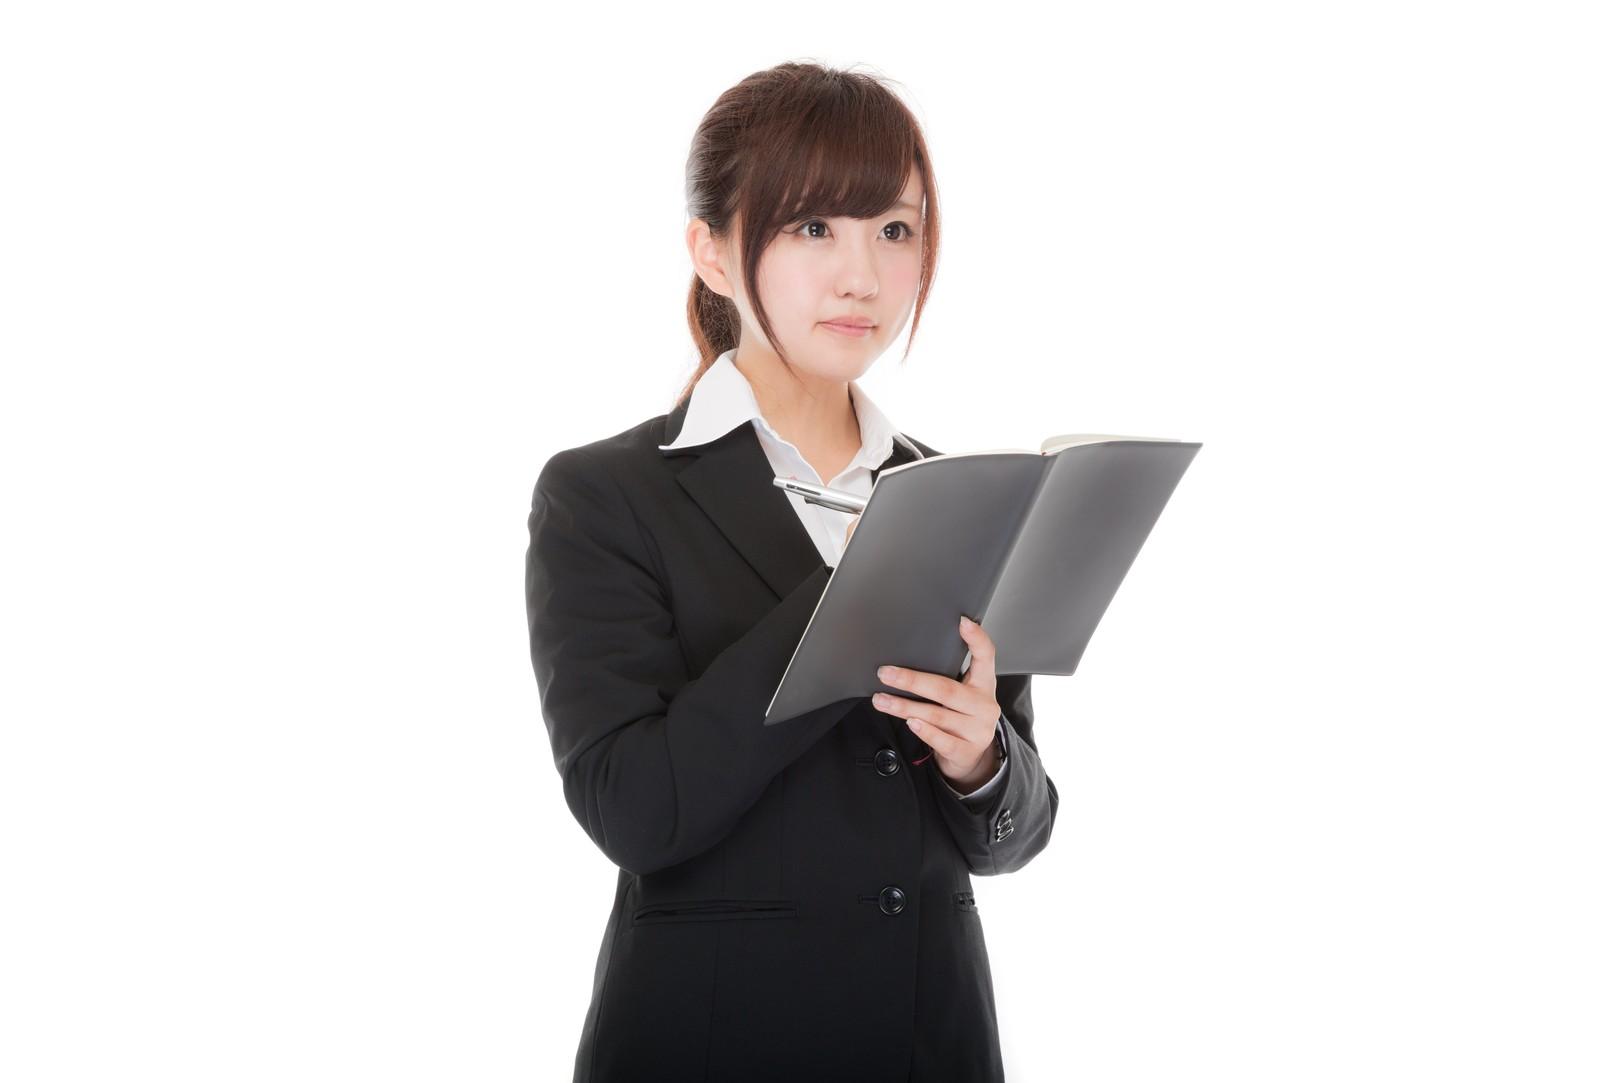 派遣社員から契約社員になるメリットはある?いずれは正社員になることも可能?